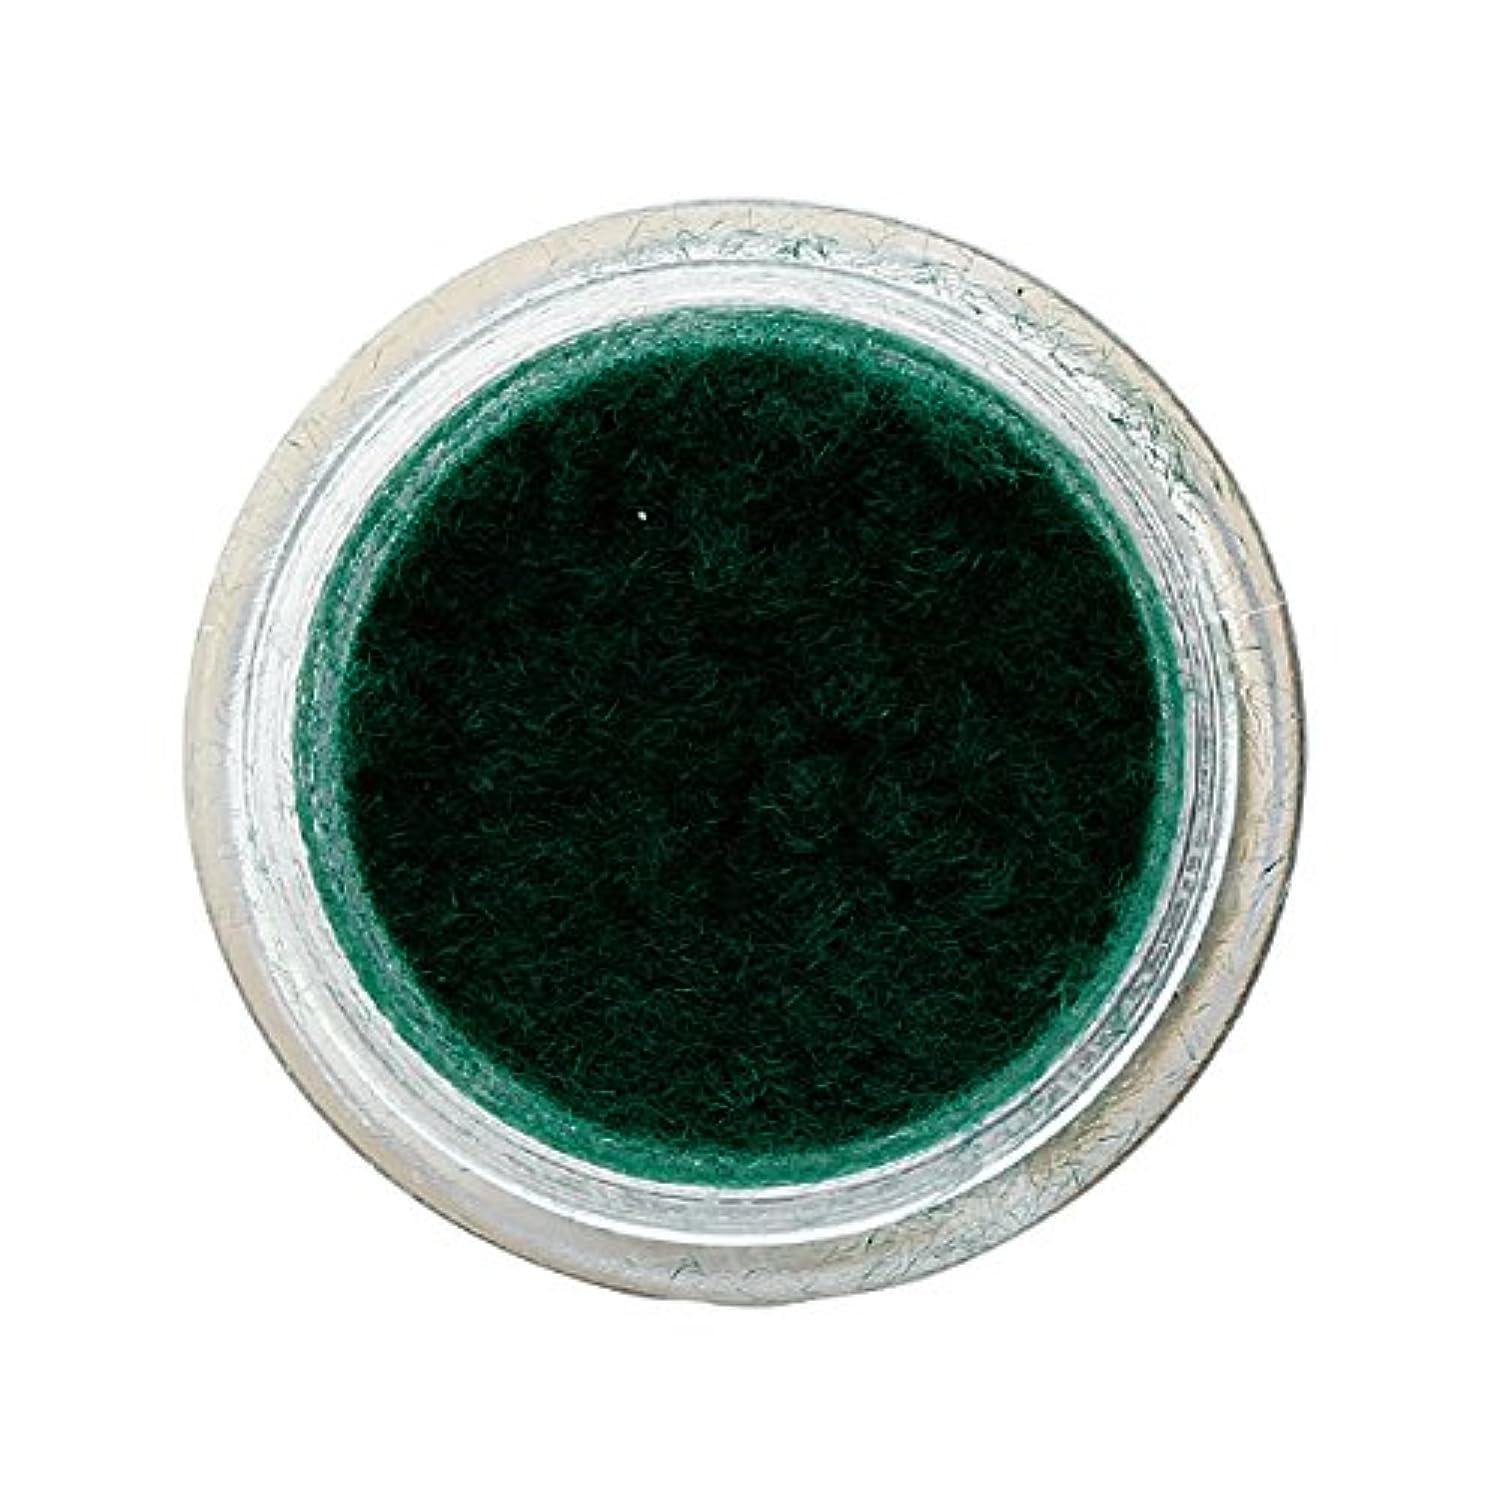 ペルーモチーフ鏡ベルベットネイル 1g モスグリーン